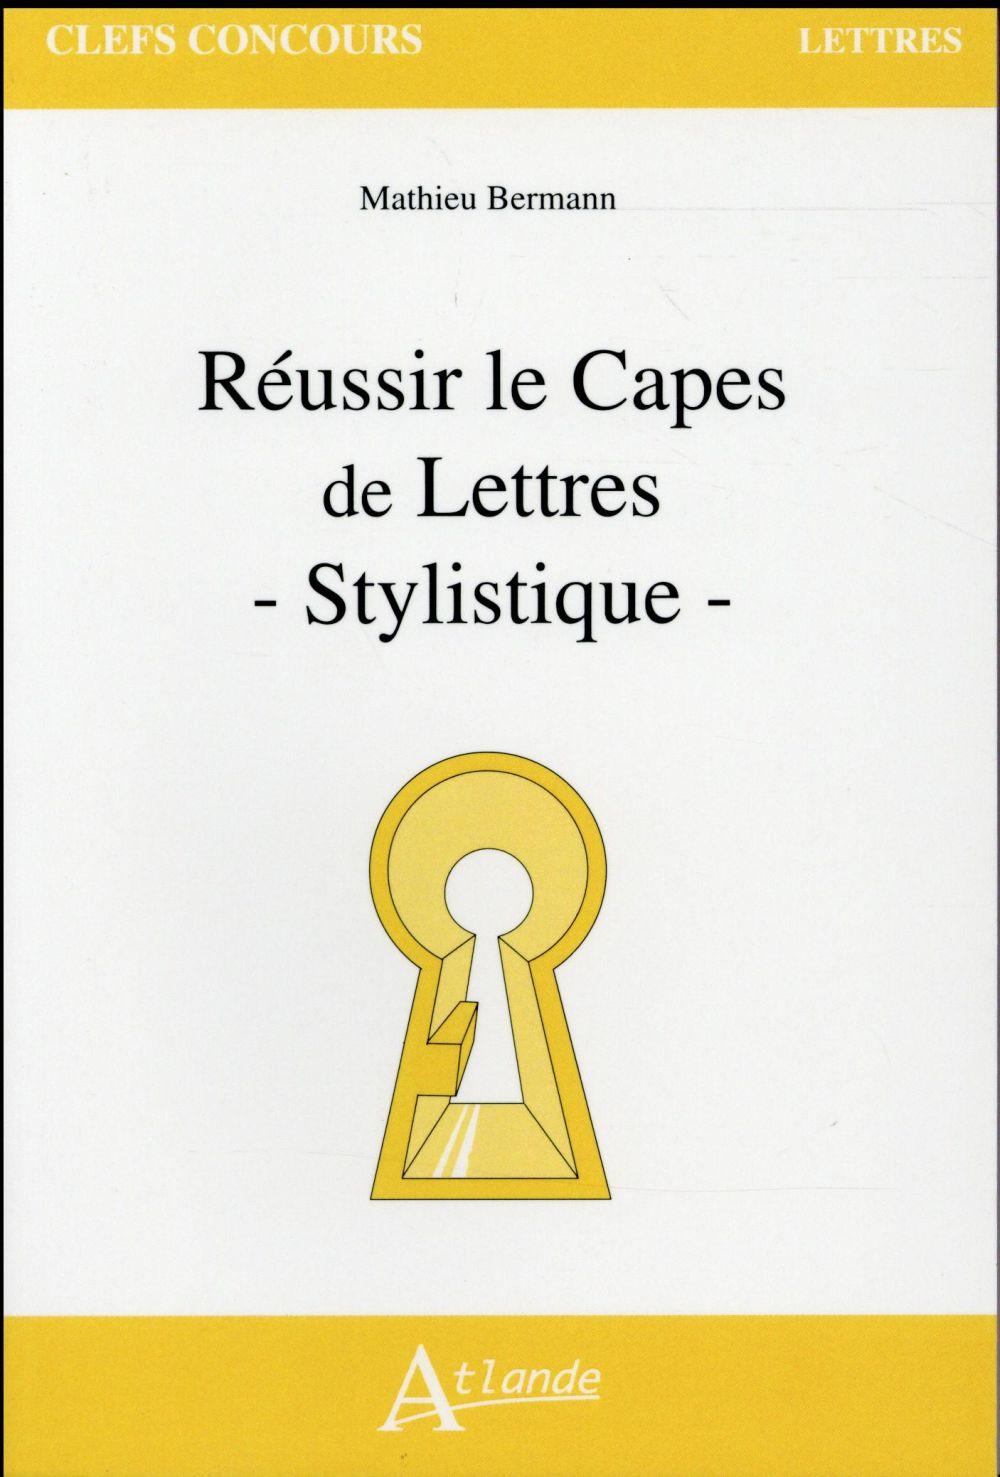 REUSSIR LE CAPES DE LETTRES - STYLISTIQU